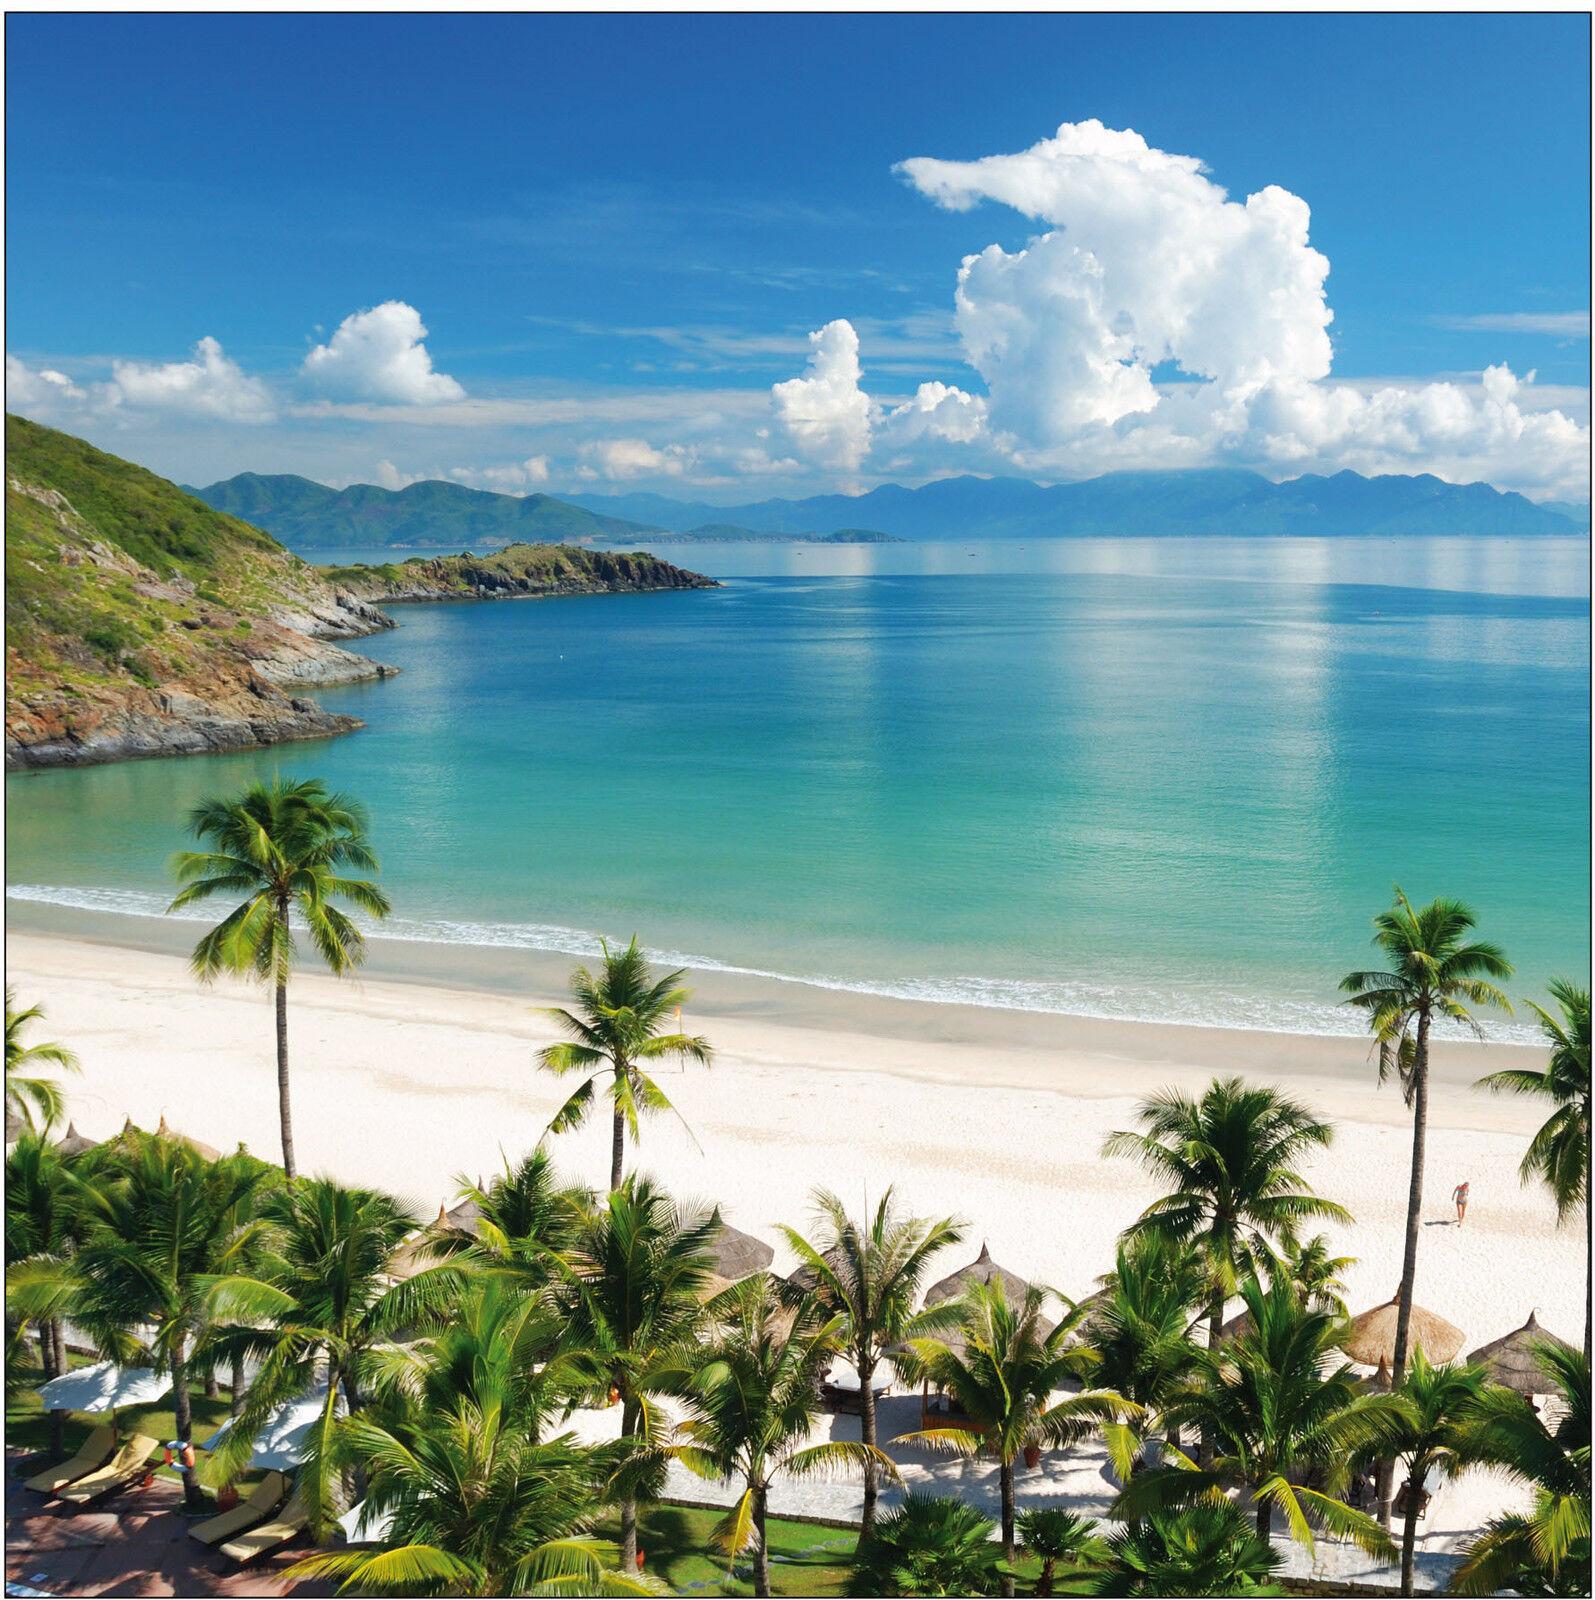 Adesivo decocrazione Bello vista spiaggia dimensioni Ref 483 - 16 dimensioni spiaggia - parete b0a95d